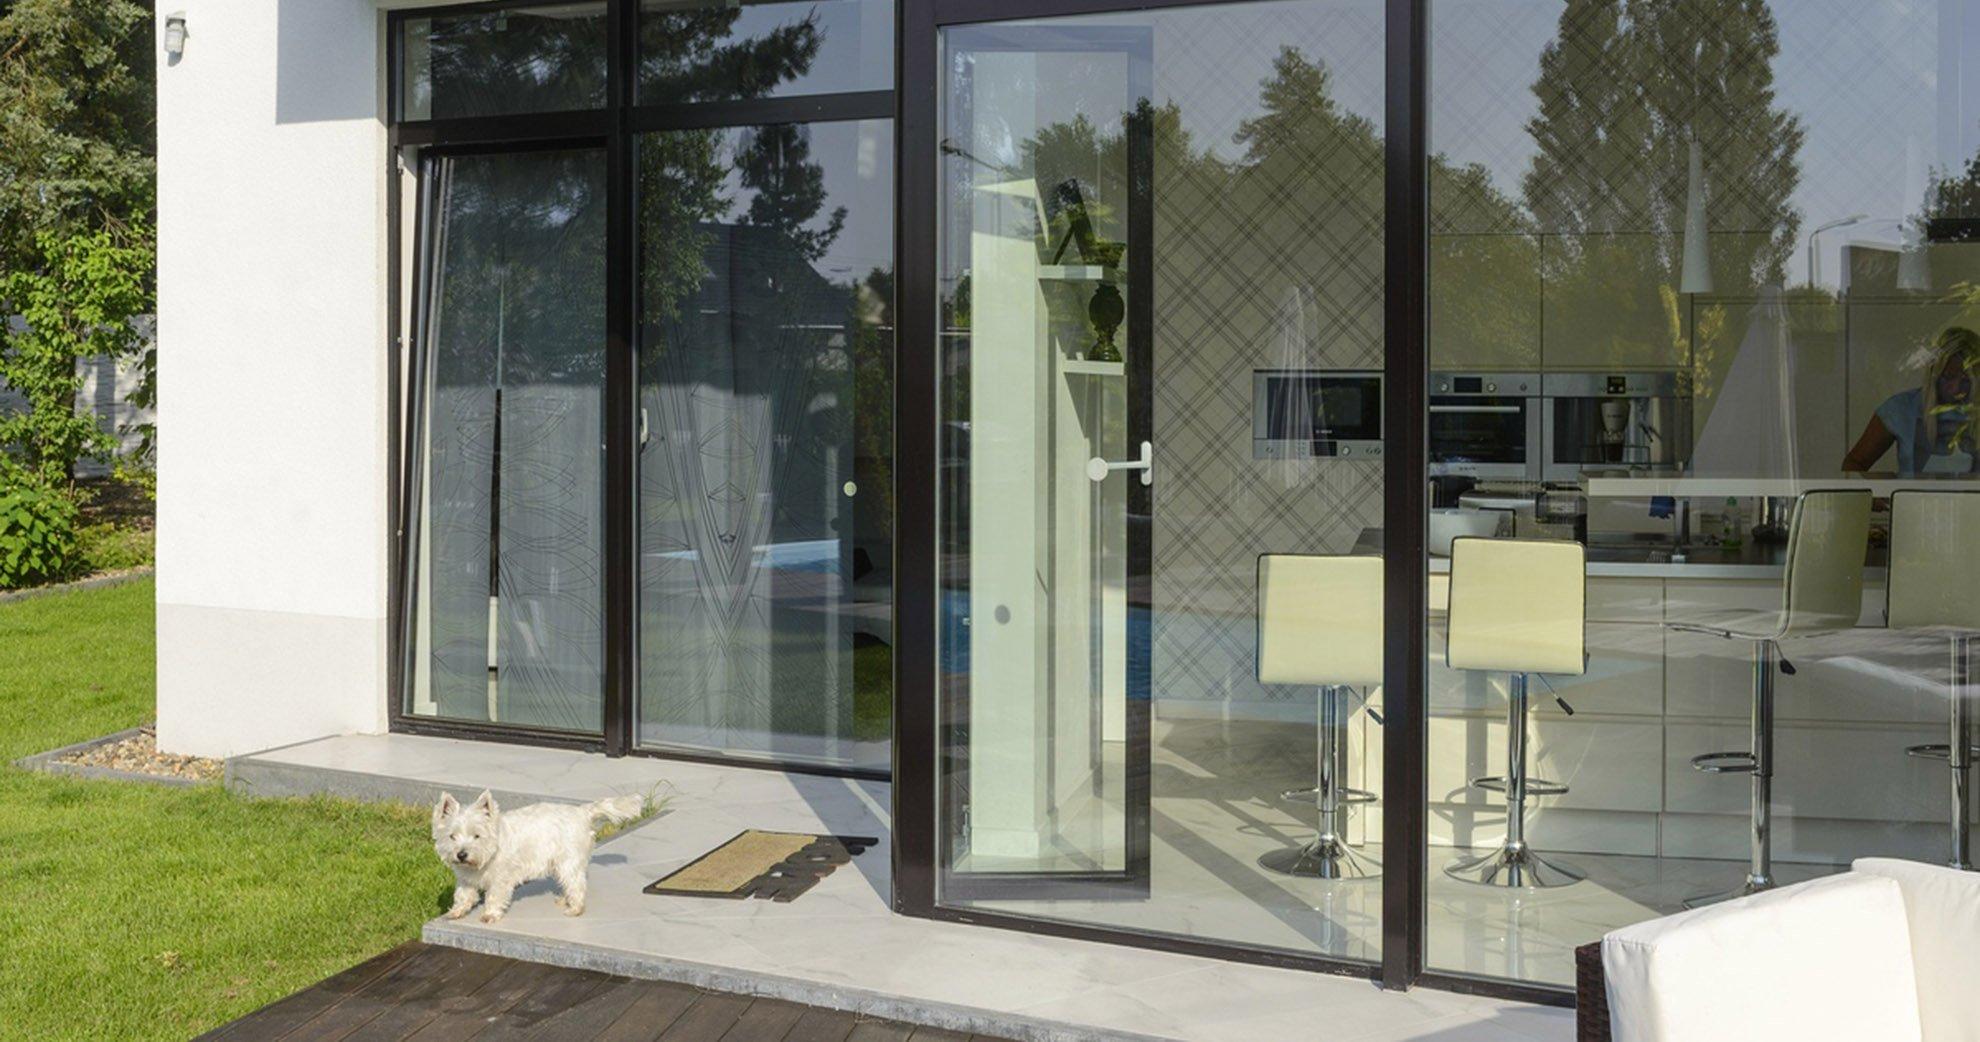 Full Size of Aluminium Fenster Drutesa Aluminiumfenster Mb 45 Sicherheitsbeschläge Nachrüsten Online Konfigurieren Schüco Kaufen Internorm Preise Einbruchschutz Folie Fenster Aluminium Fenster